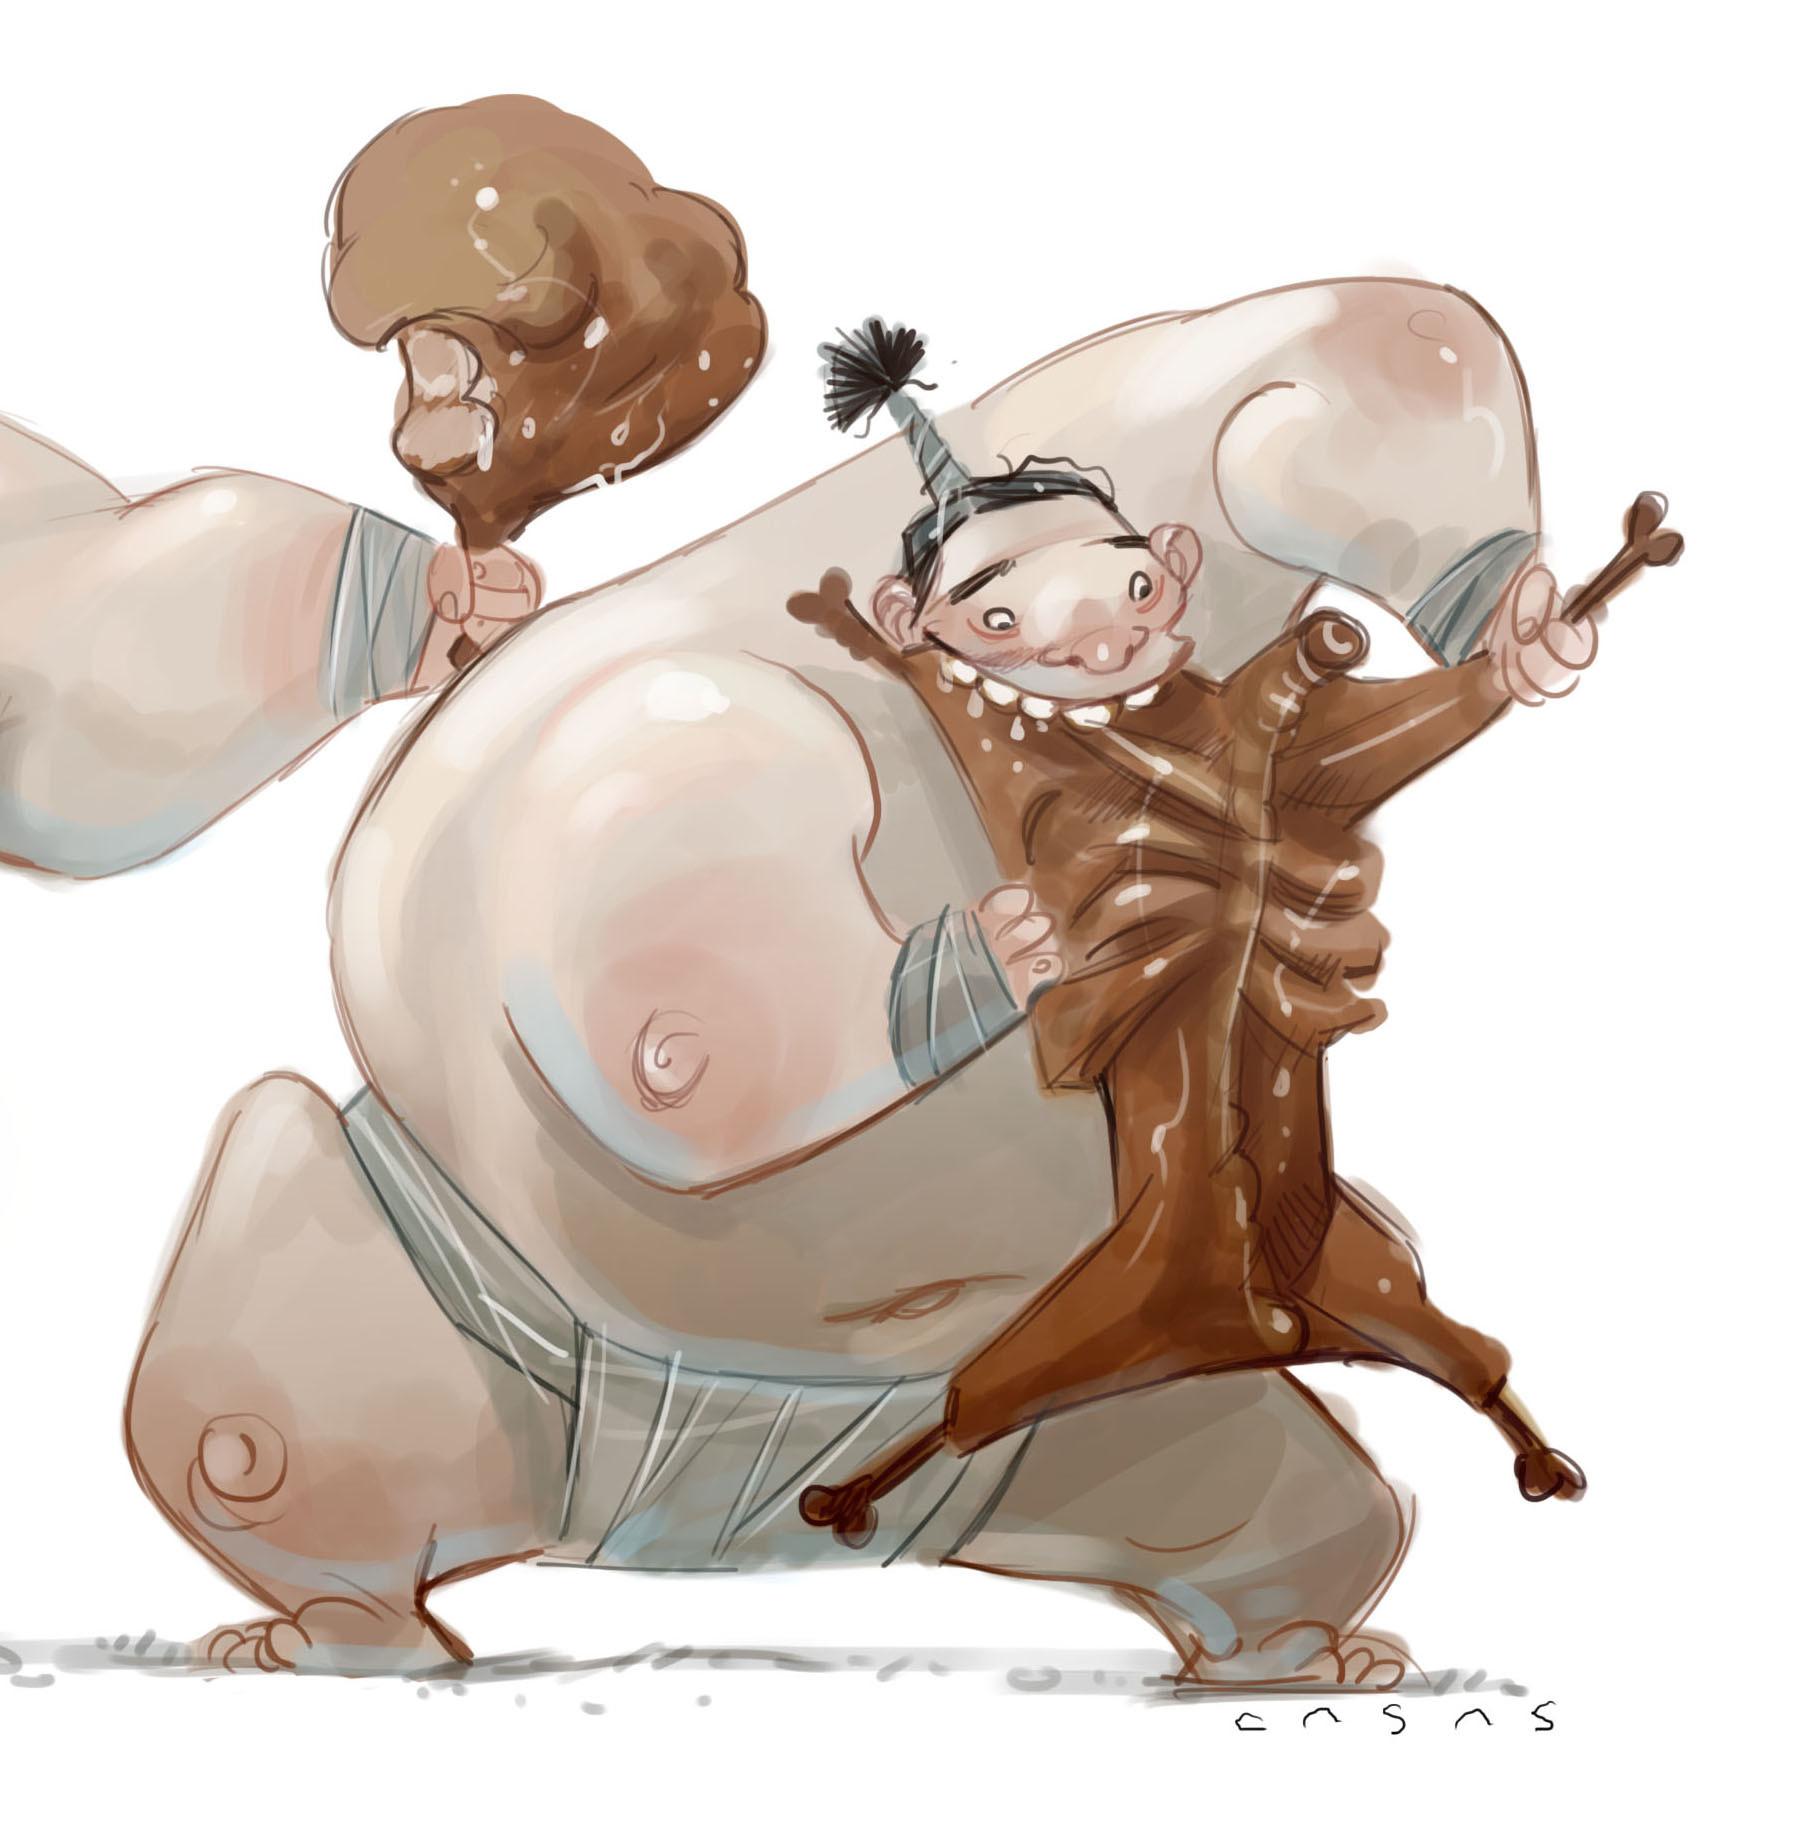 Guillermo casas sumo entrenamiento4